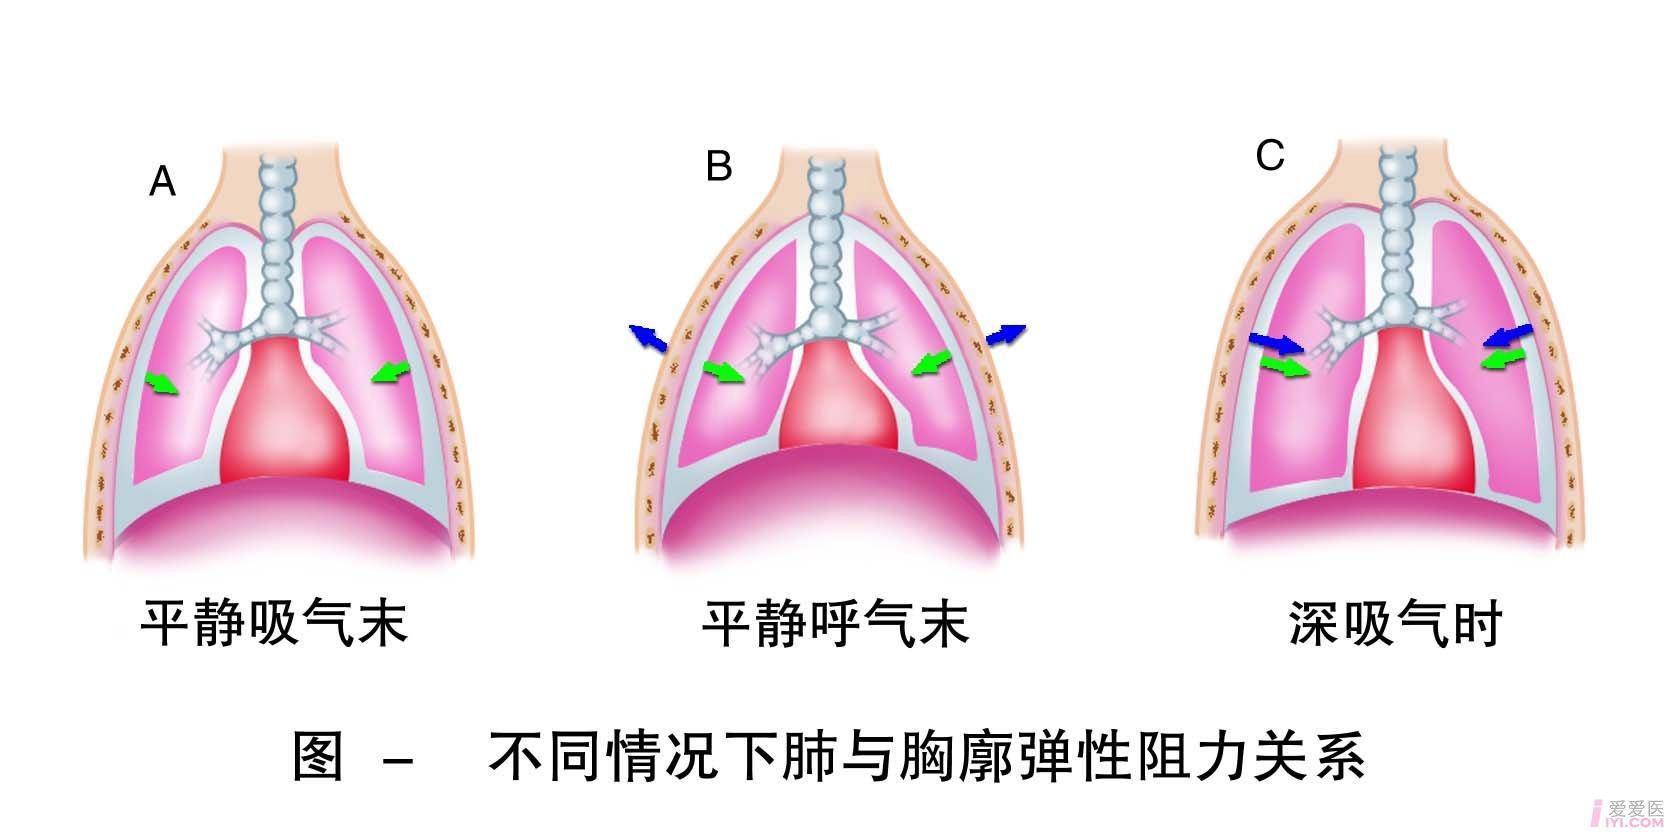 25-不同情况下肺与胸廓弹性阻力的关系 .jpg